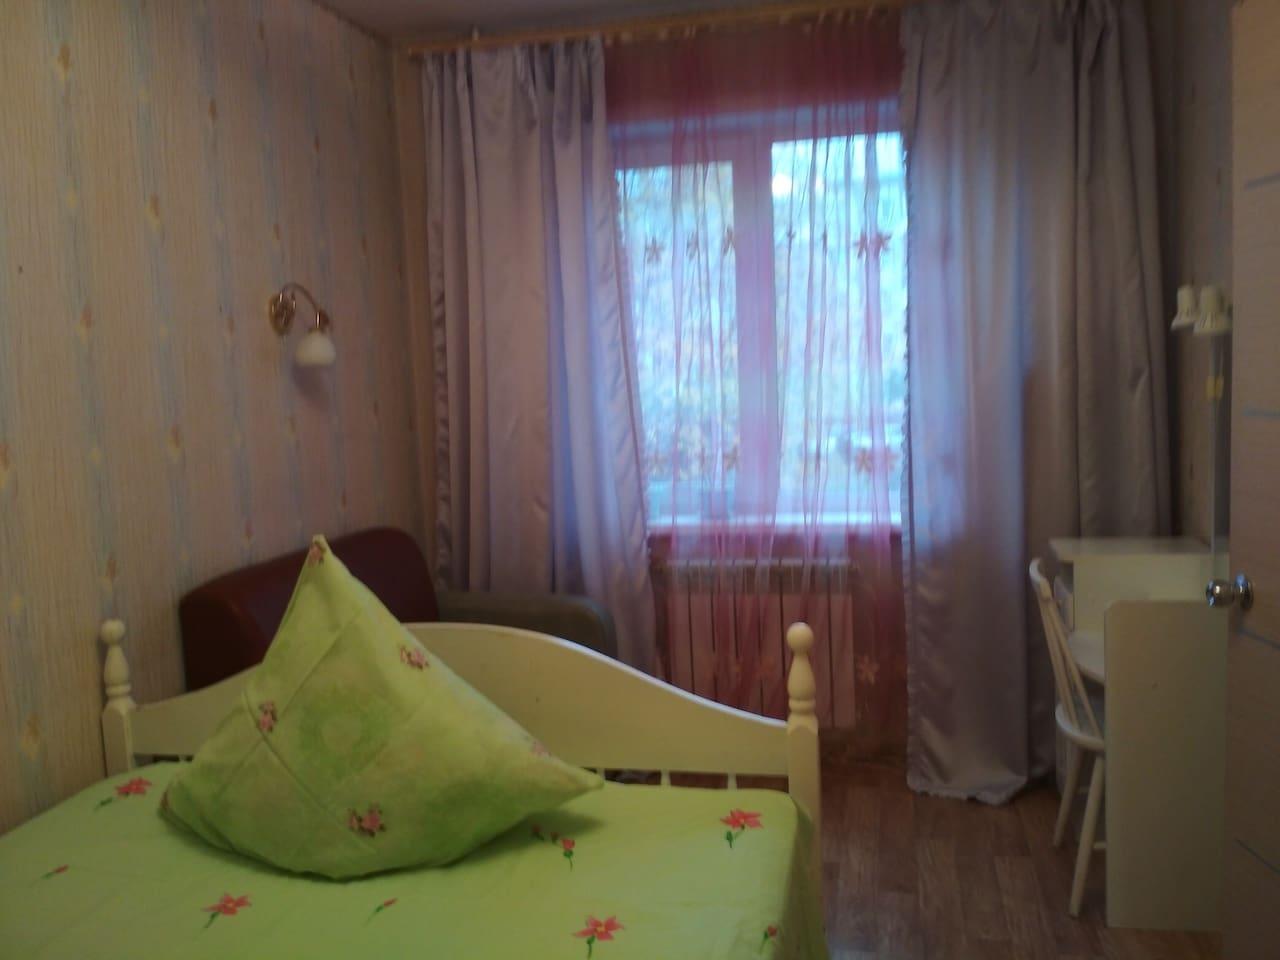 Спальня - двухспальная кровать, трюмо, диванчик для чтения. Окна в тихий двор.